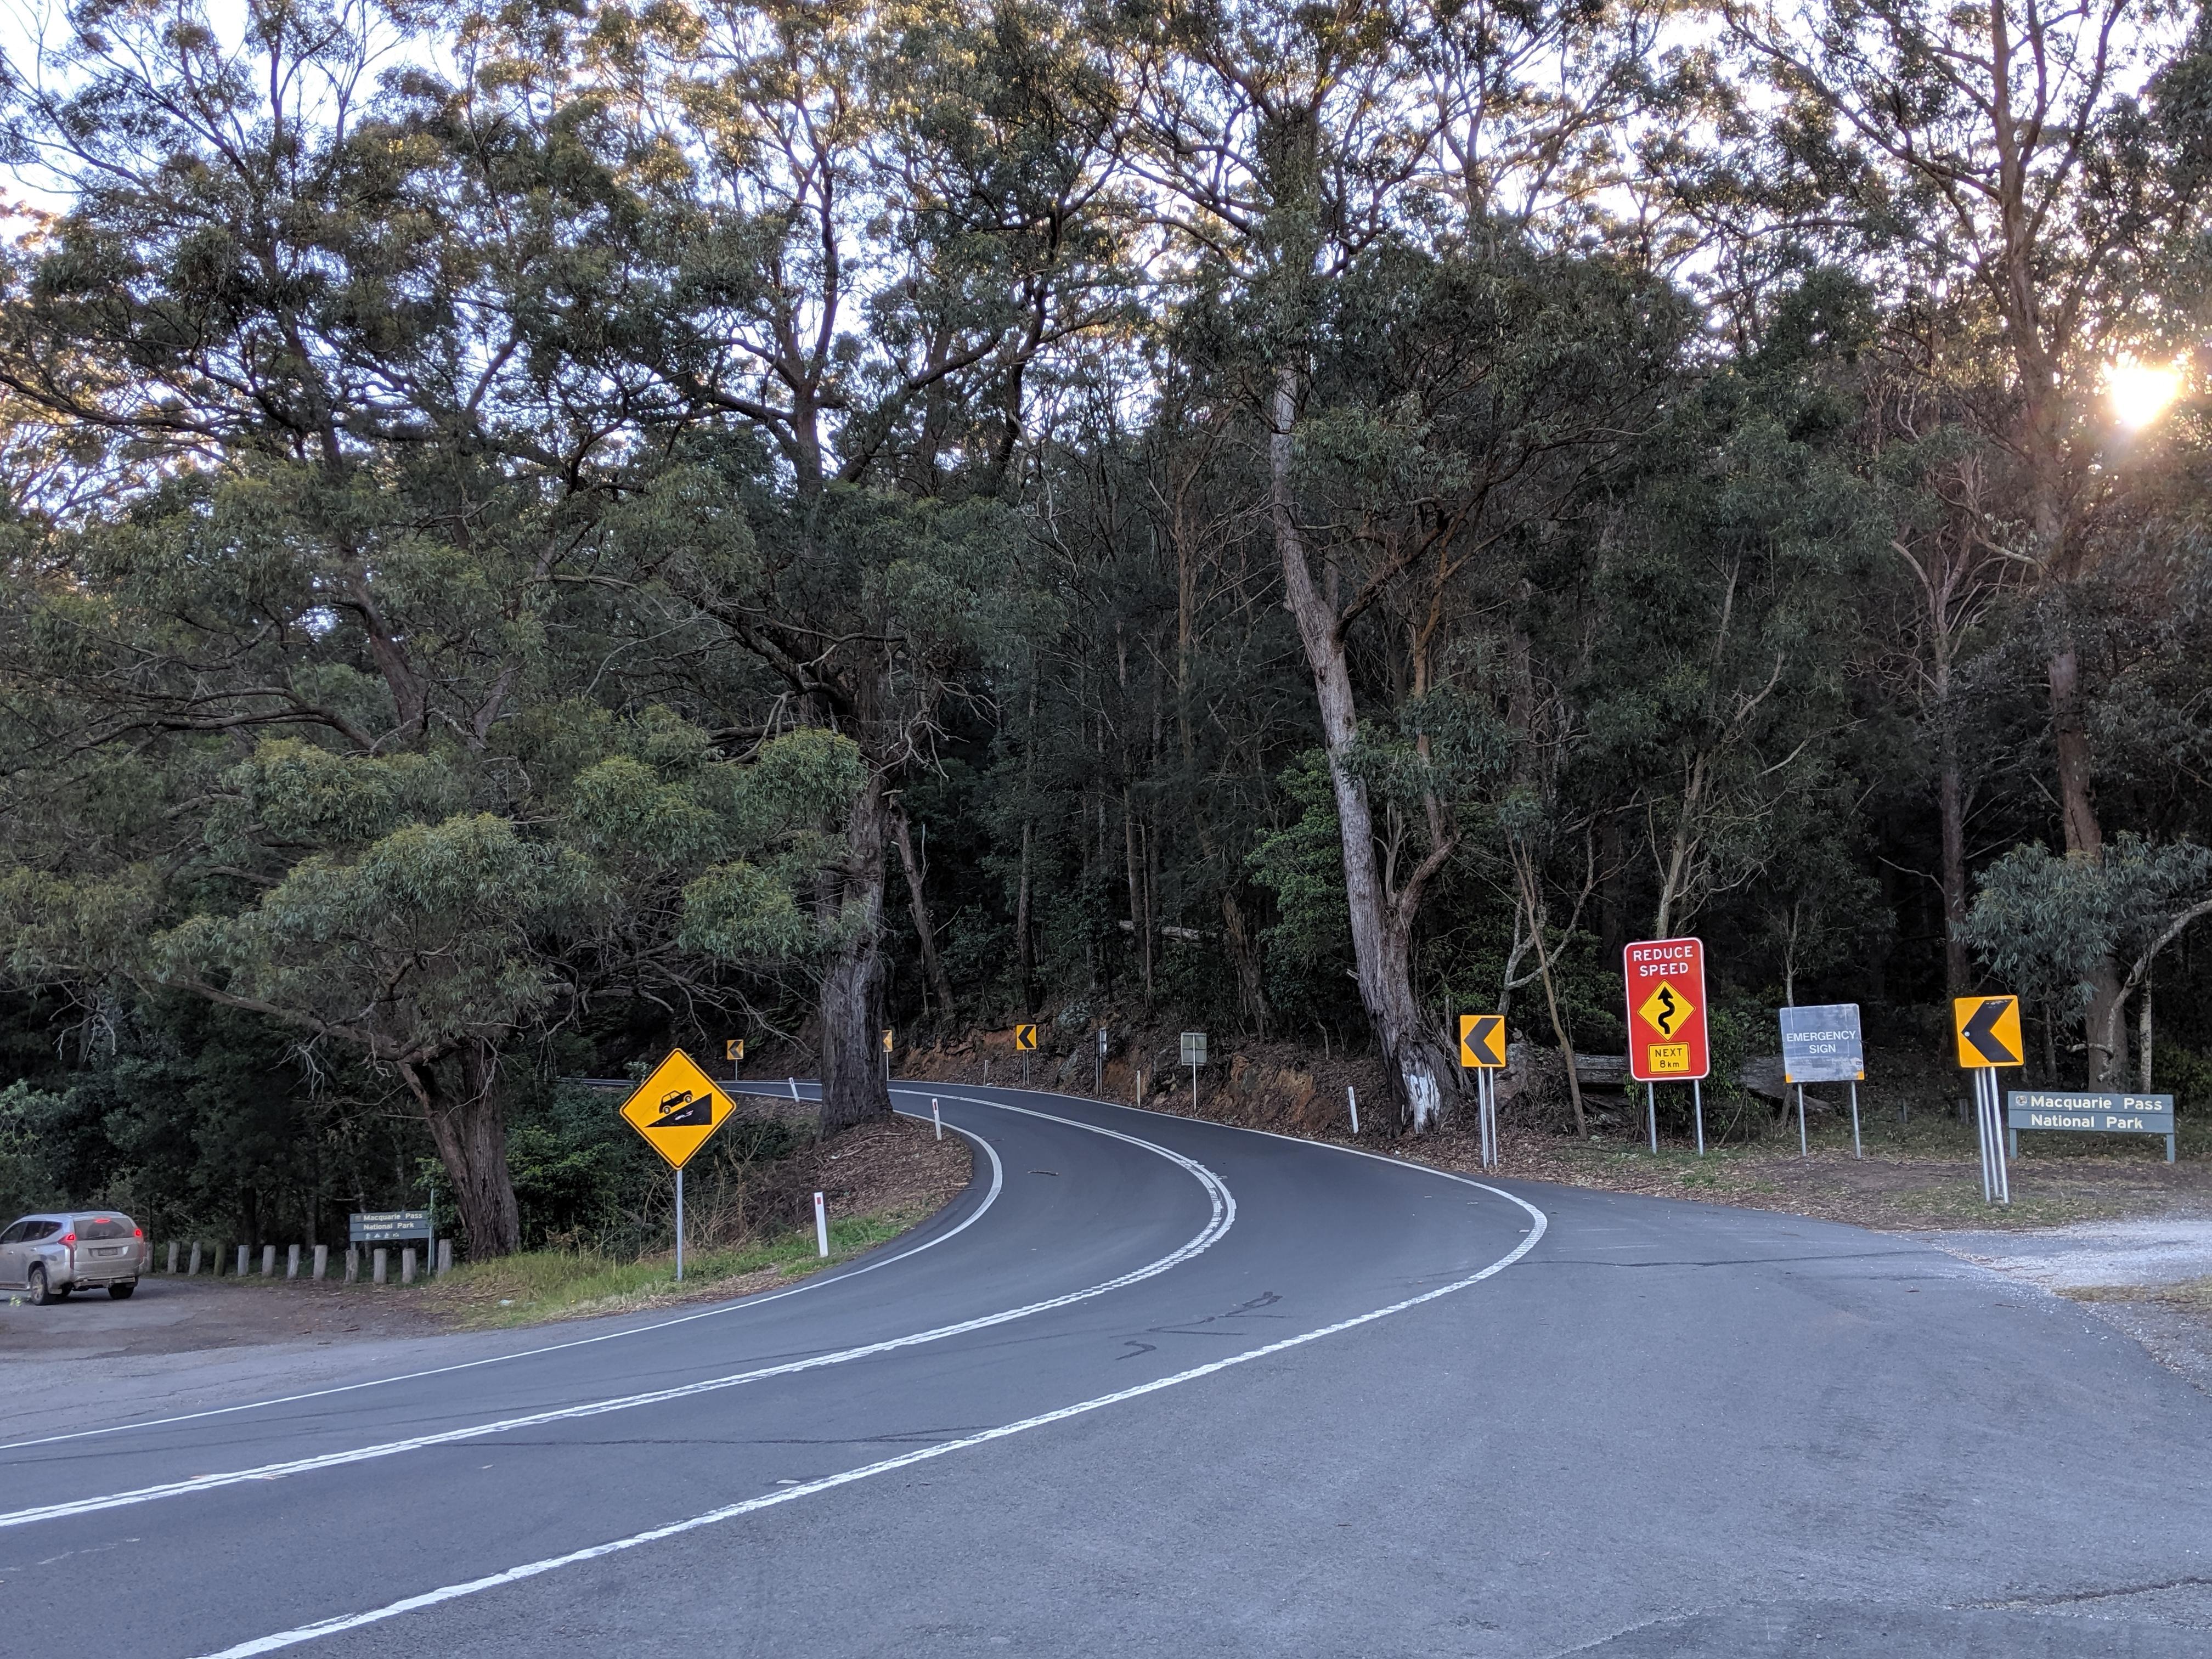 hastighet dating Wollongong 2013